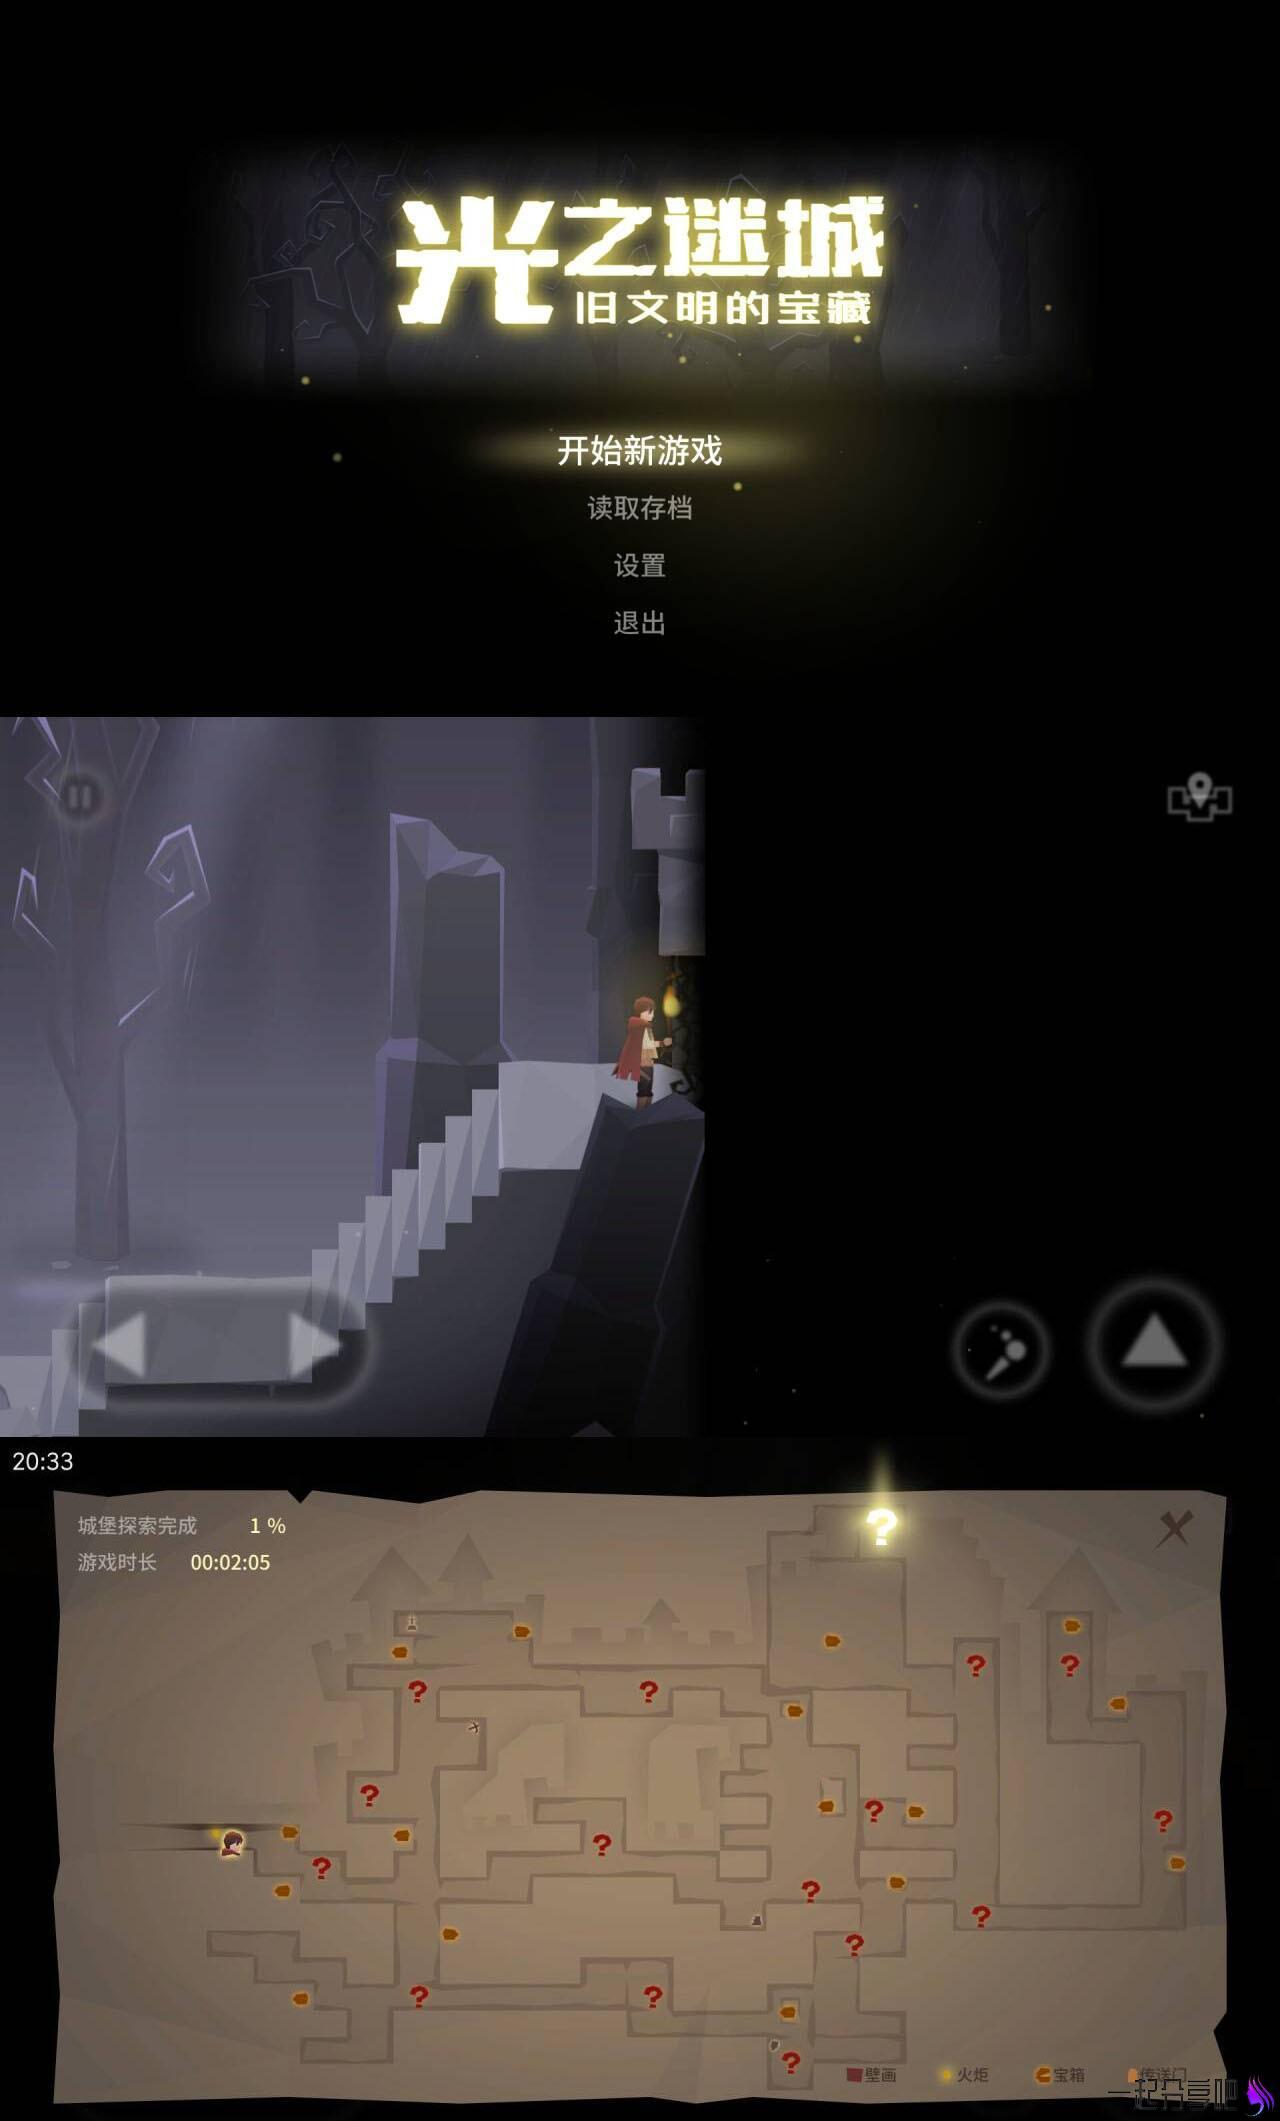 光之迷城完整版 横版探险解密类游戏 第1张